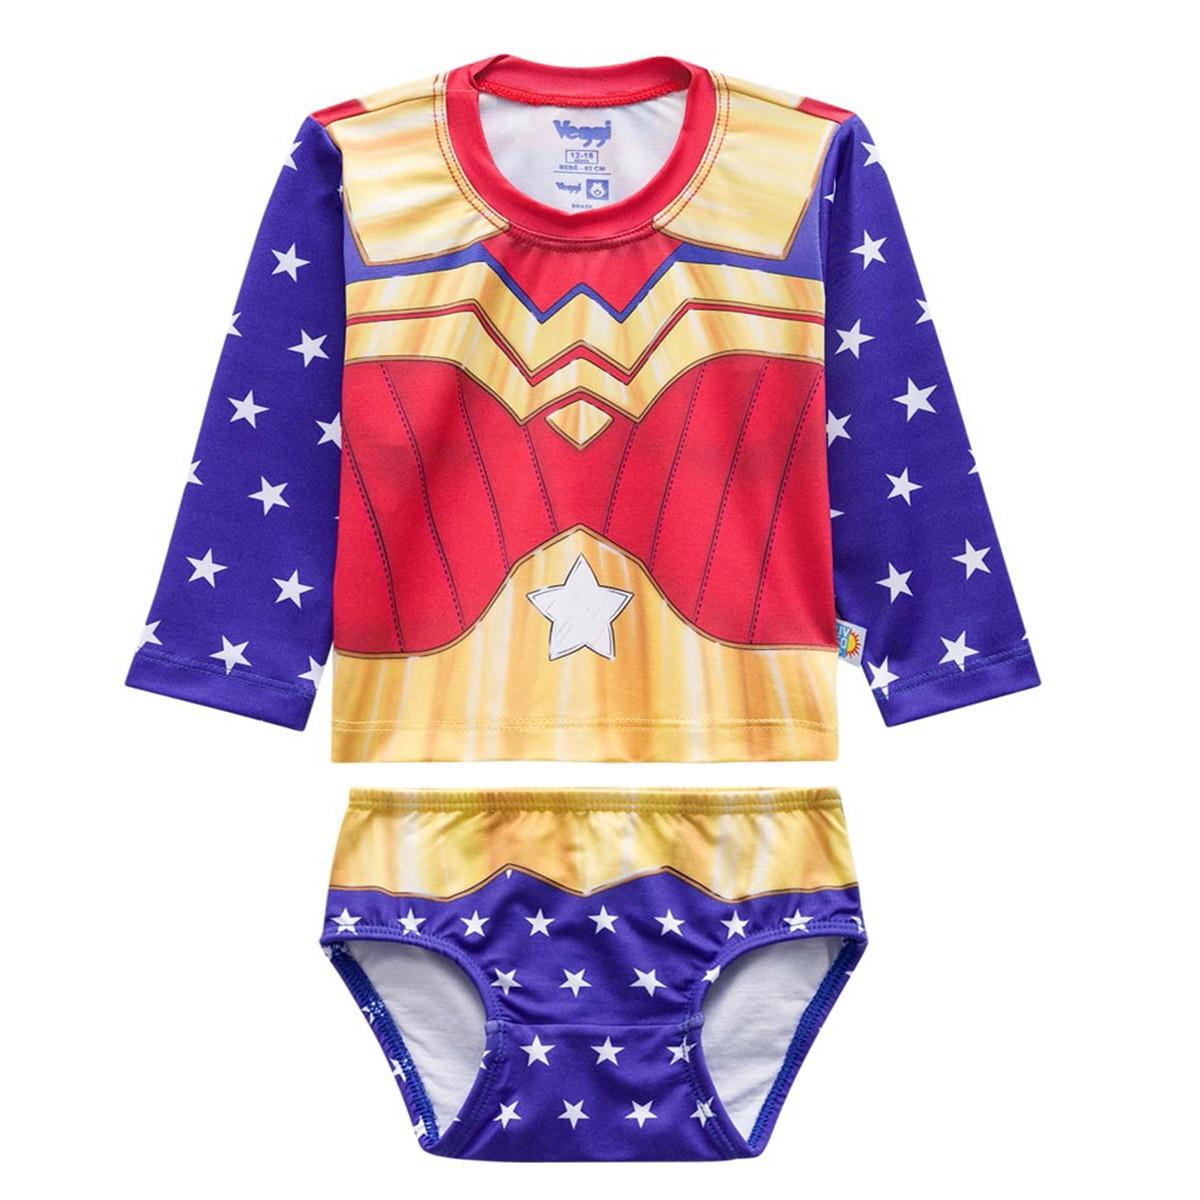 Biquíni bebê blusa proteção solar calcinha mulher maravilha